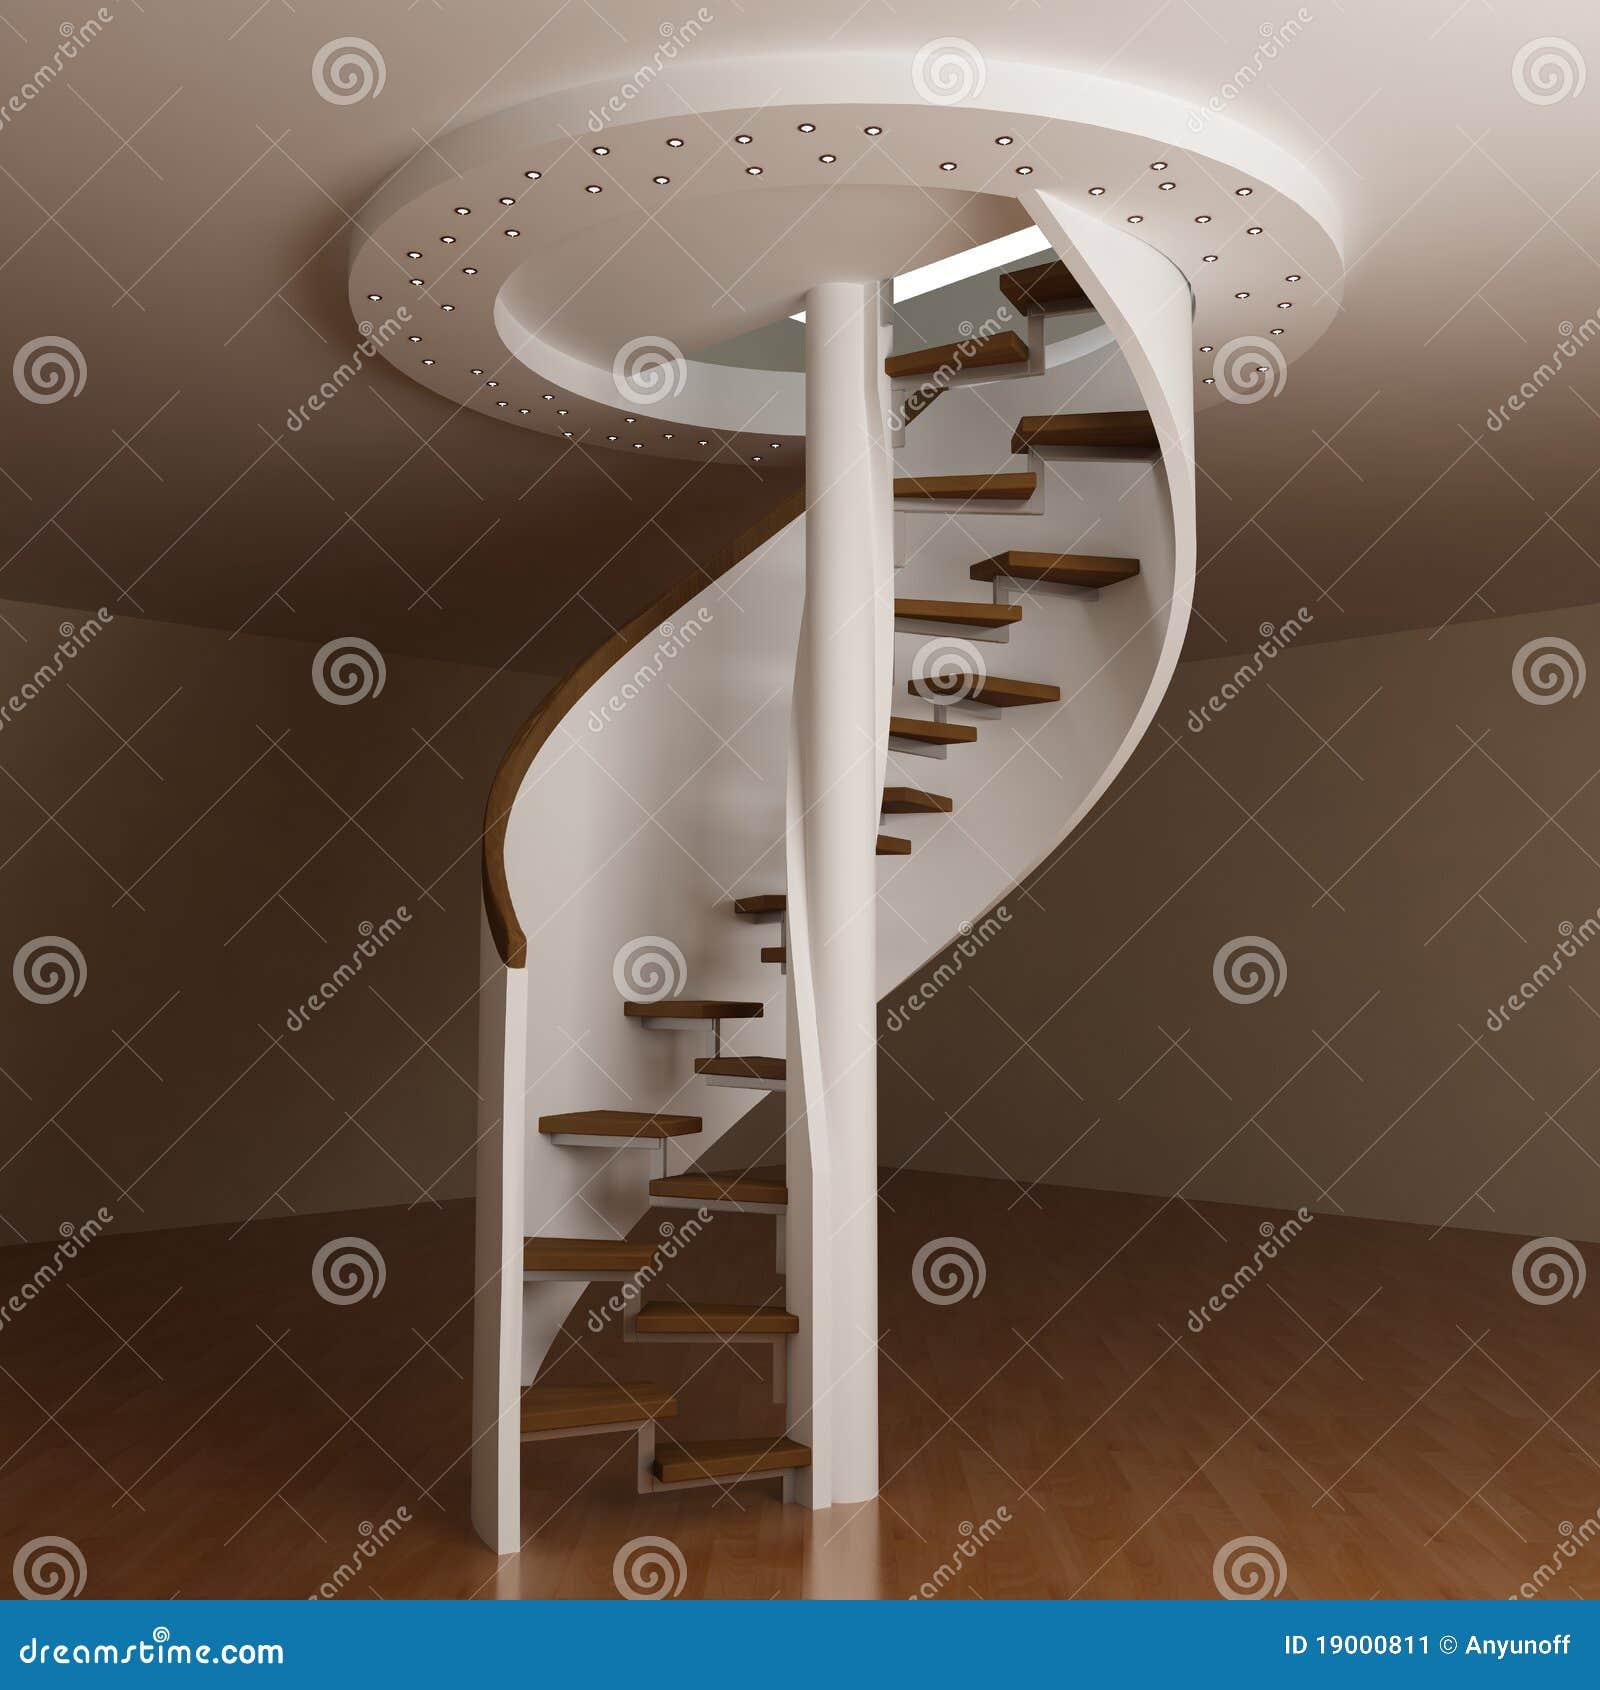 escalier rond image stock image 19000811. Black Bedroom Furniture Sets. Home Design Ideas